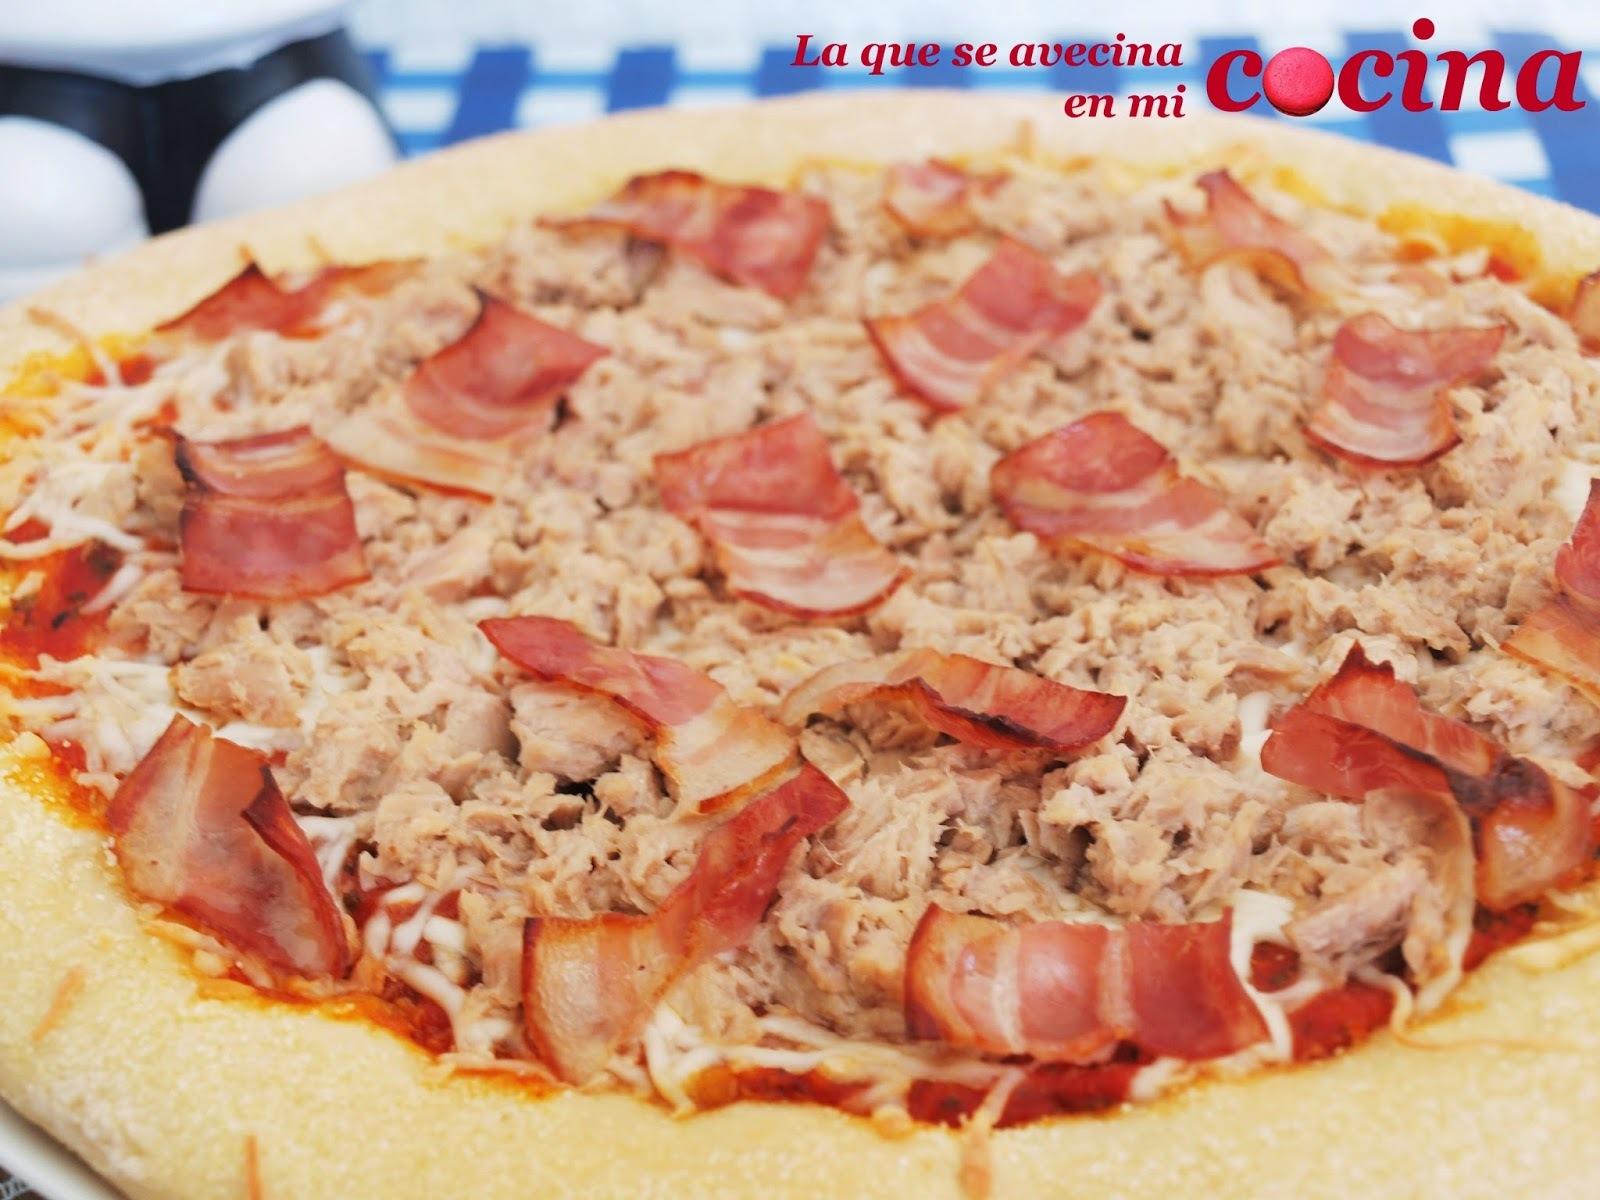 Pizza de atún y bacón.